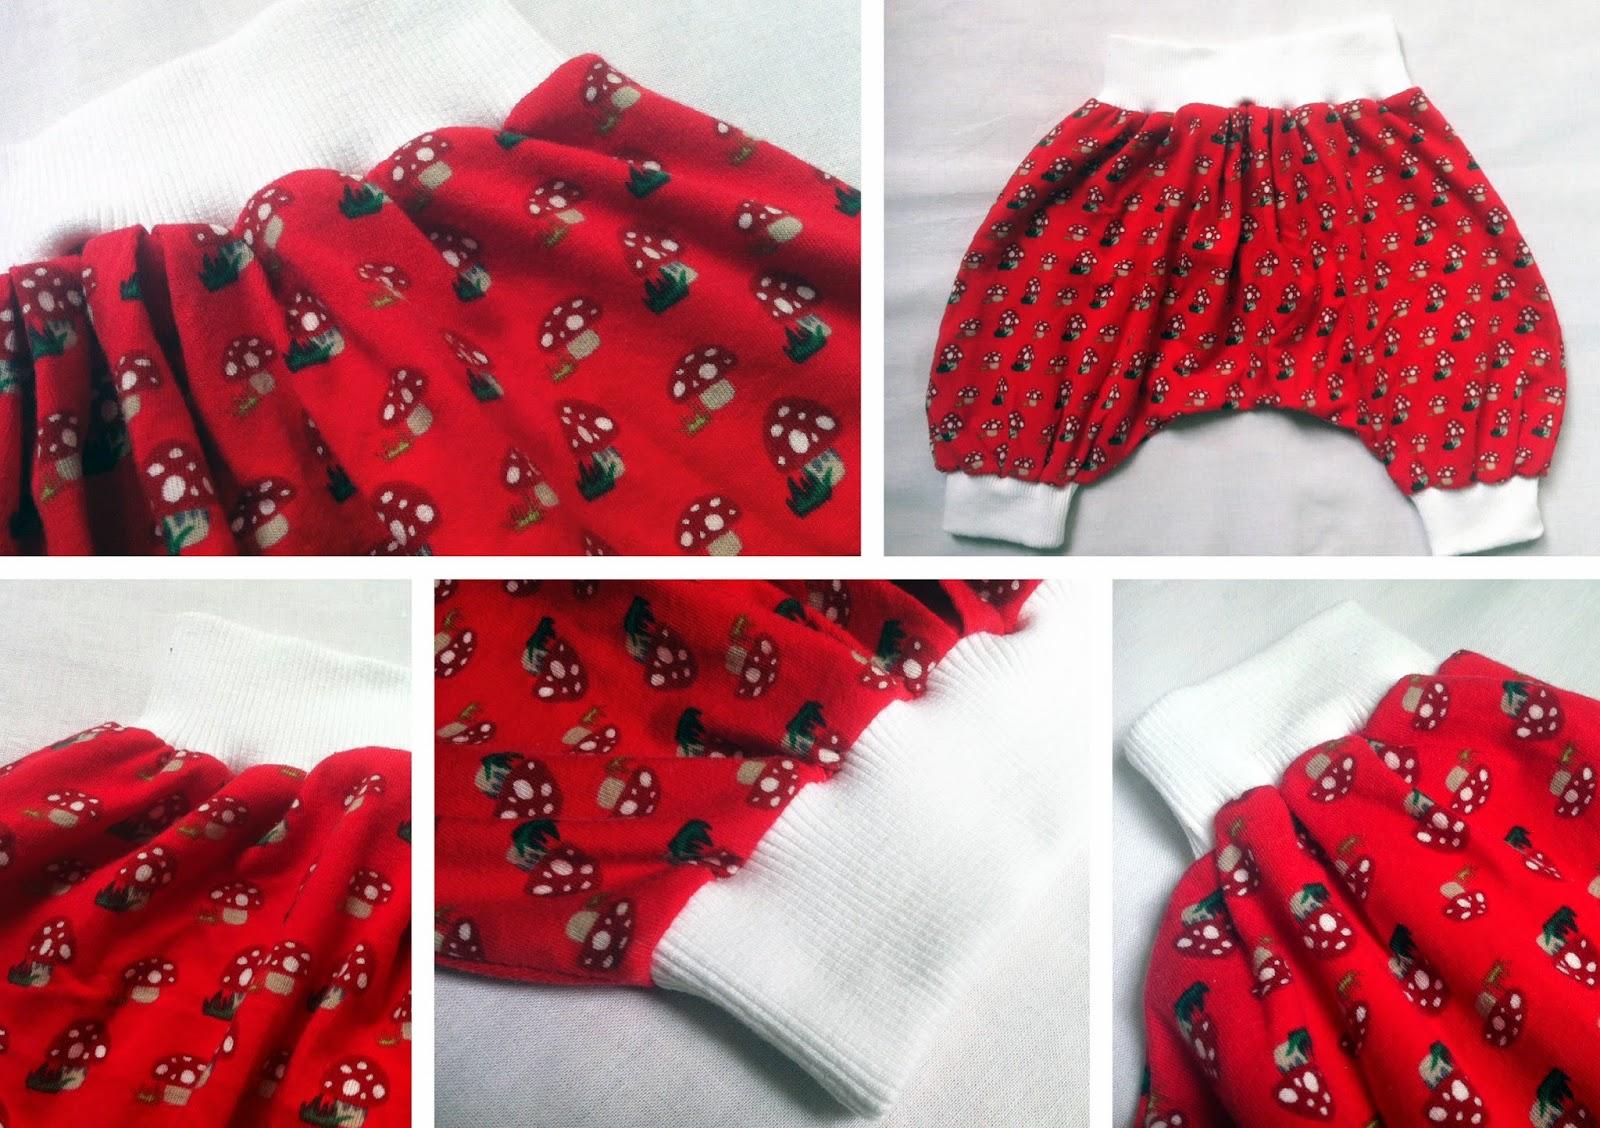 Pumphose Poppy nach Pattydoo im Fliegenpilz-Design, roter Jersey mit Fliegenpilzen, weiße Bündchen